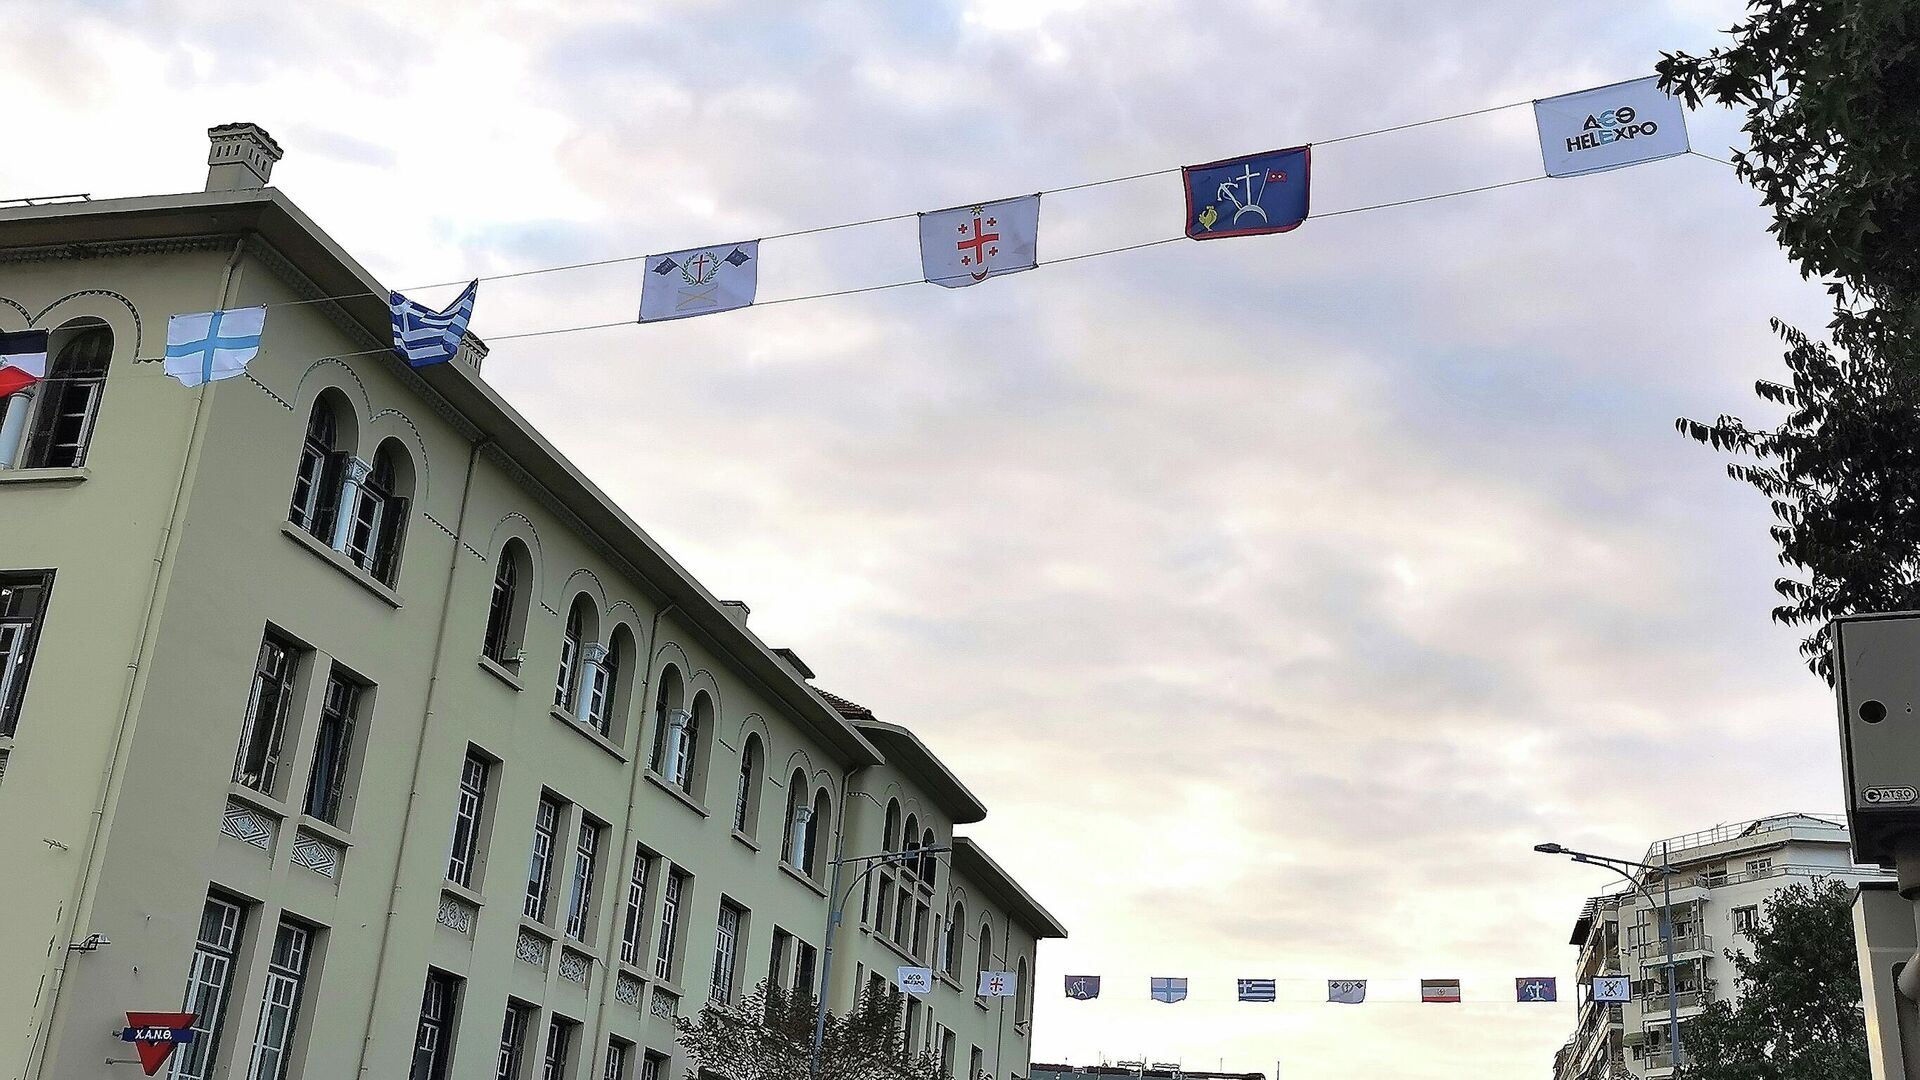 Σημαιάκια της ελληνικής Επανάστασης 1821 στην οδό Τσιμισκή Θεσσαλονίκη 85η ΔΕΘ - Sputnik Ελλάδα, 1920, 10.09.2021